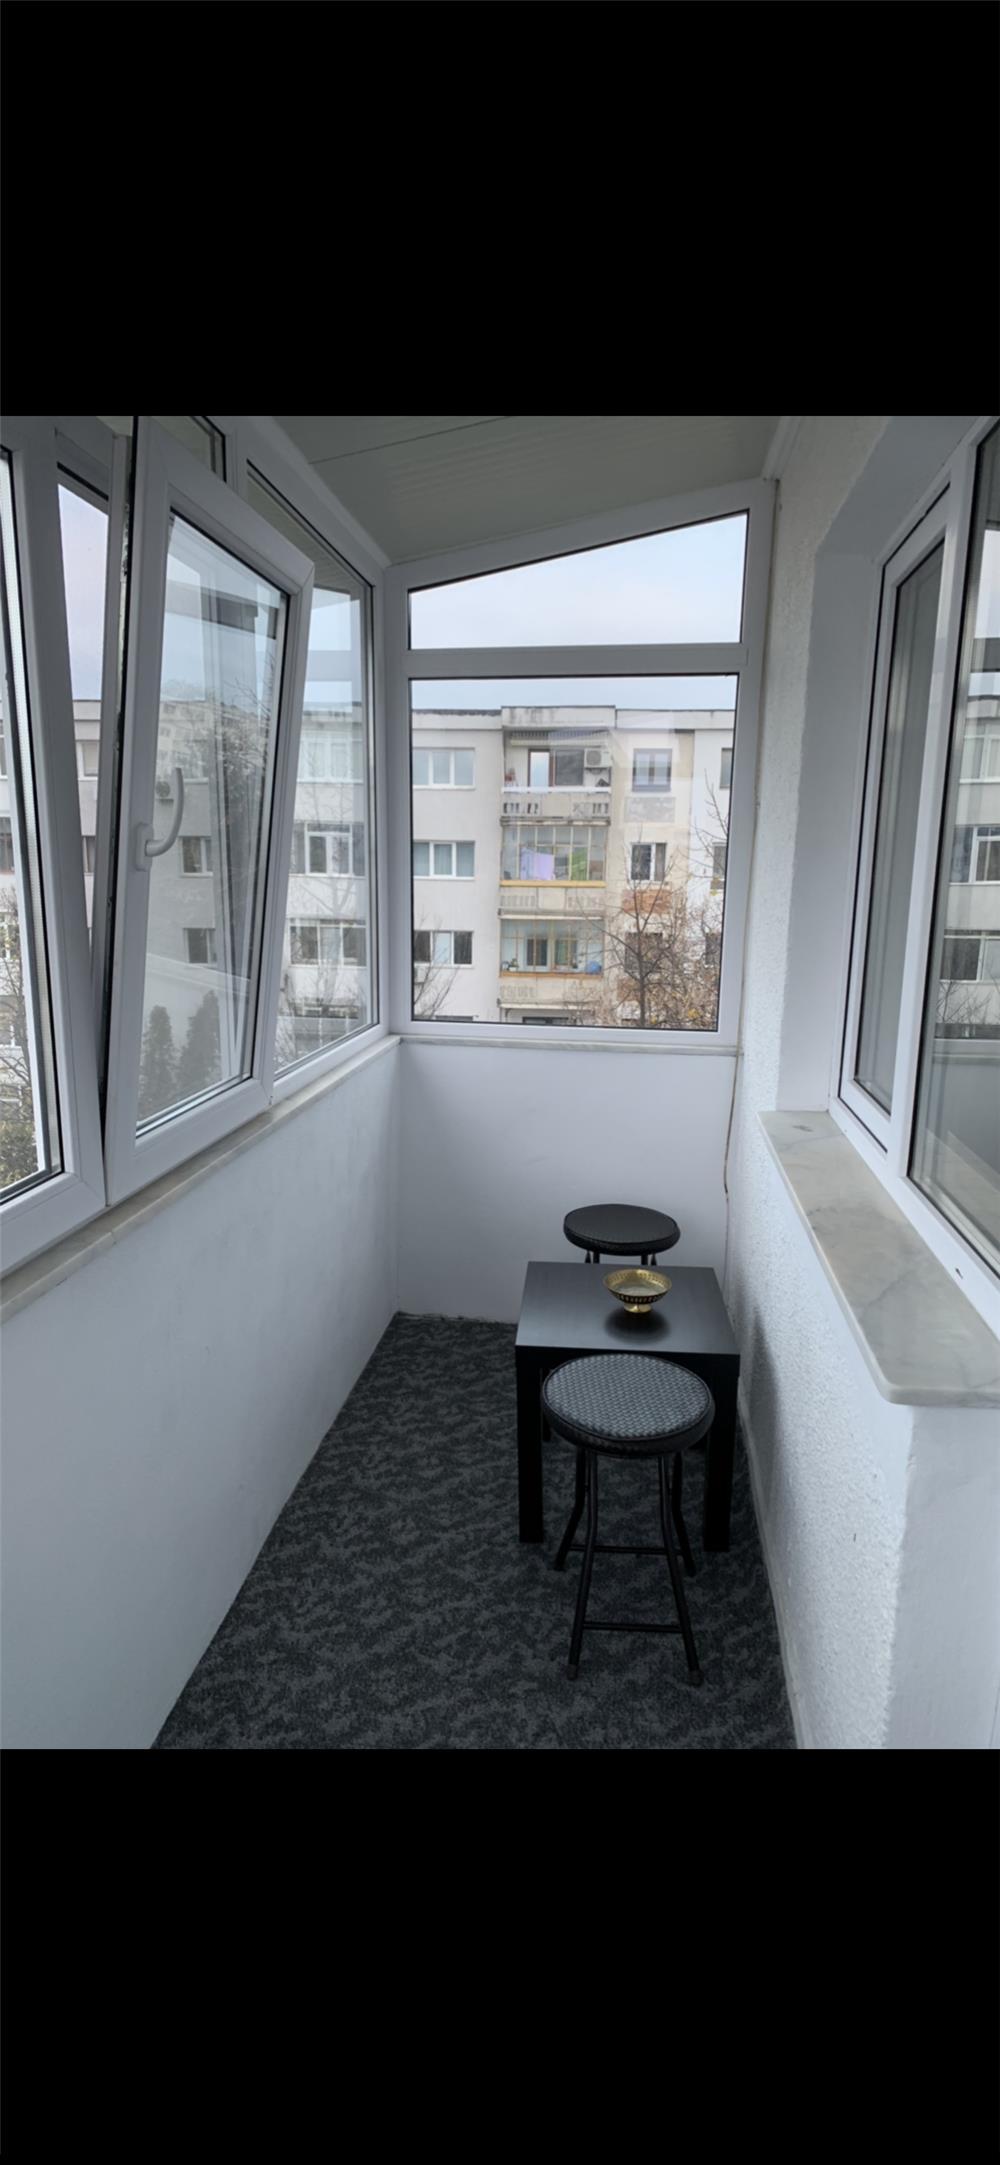 Inchiriez apartament - imagine 3